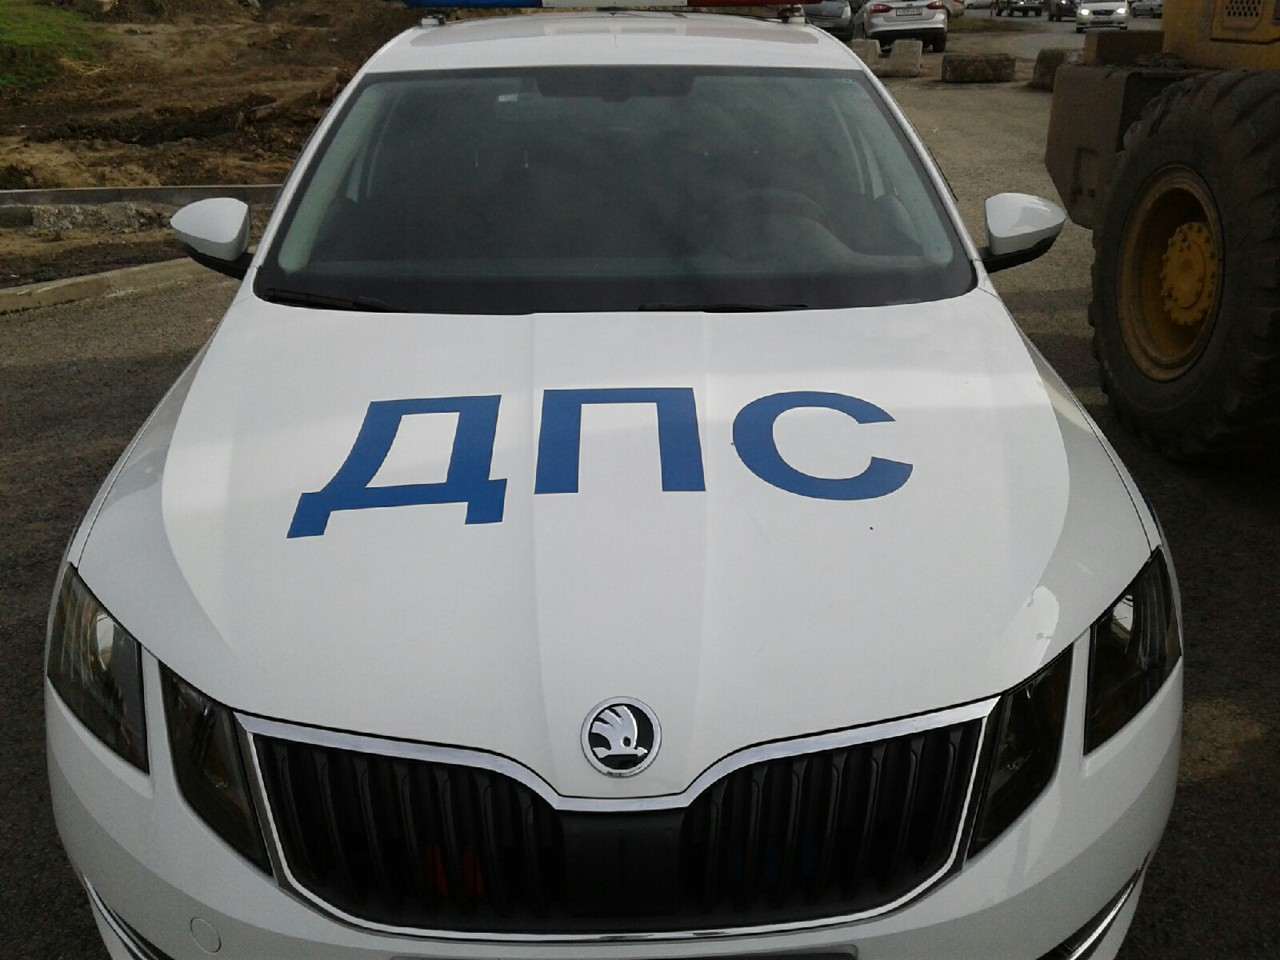 В Таре пьяный водитель среди ночи сбил пешехода #Омск #Общество #Сегодня